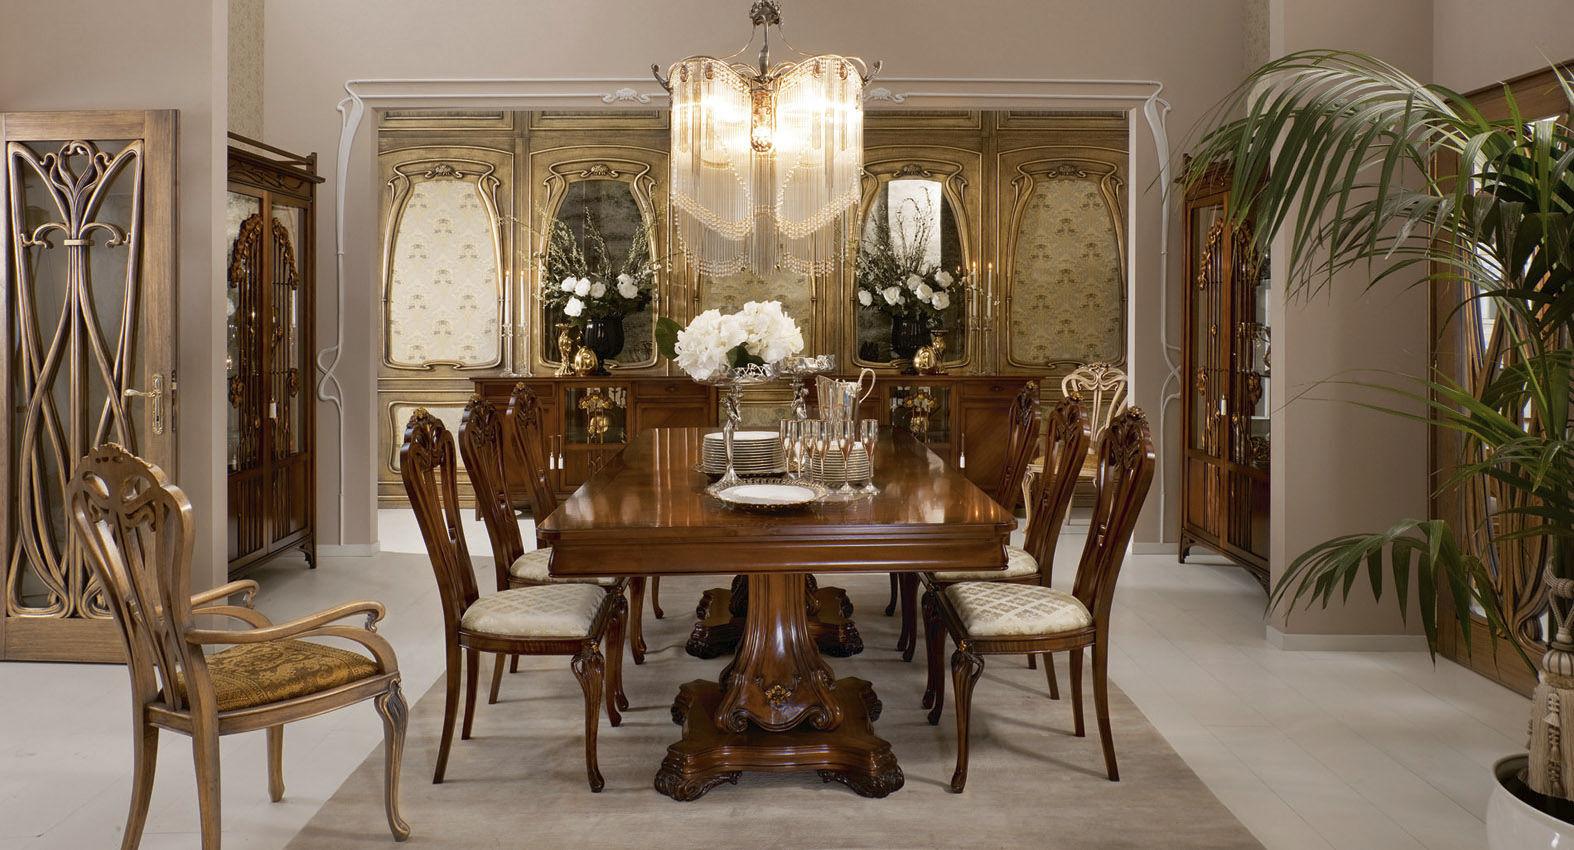 Tavoli Da Pranzo In Stile.Tavolo Da Pranzo In Stile In Legno Rettangolare Liberty Medea